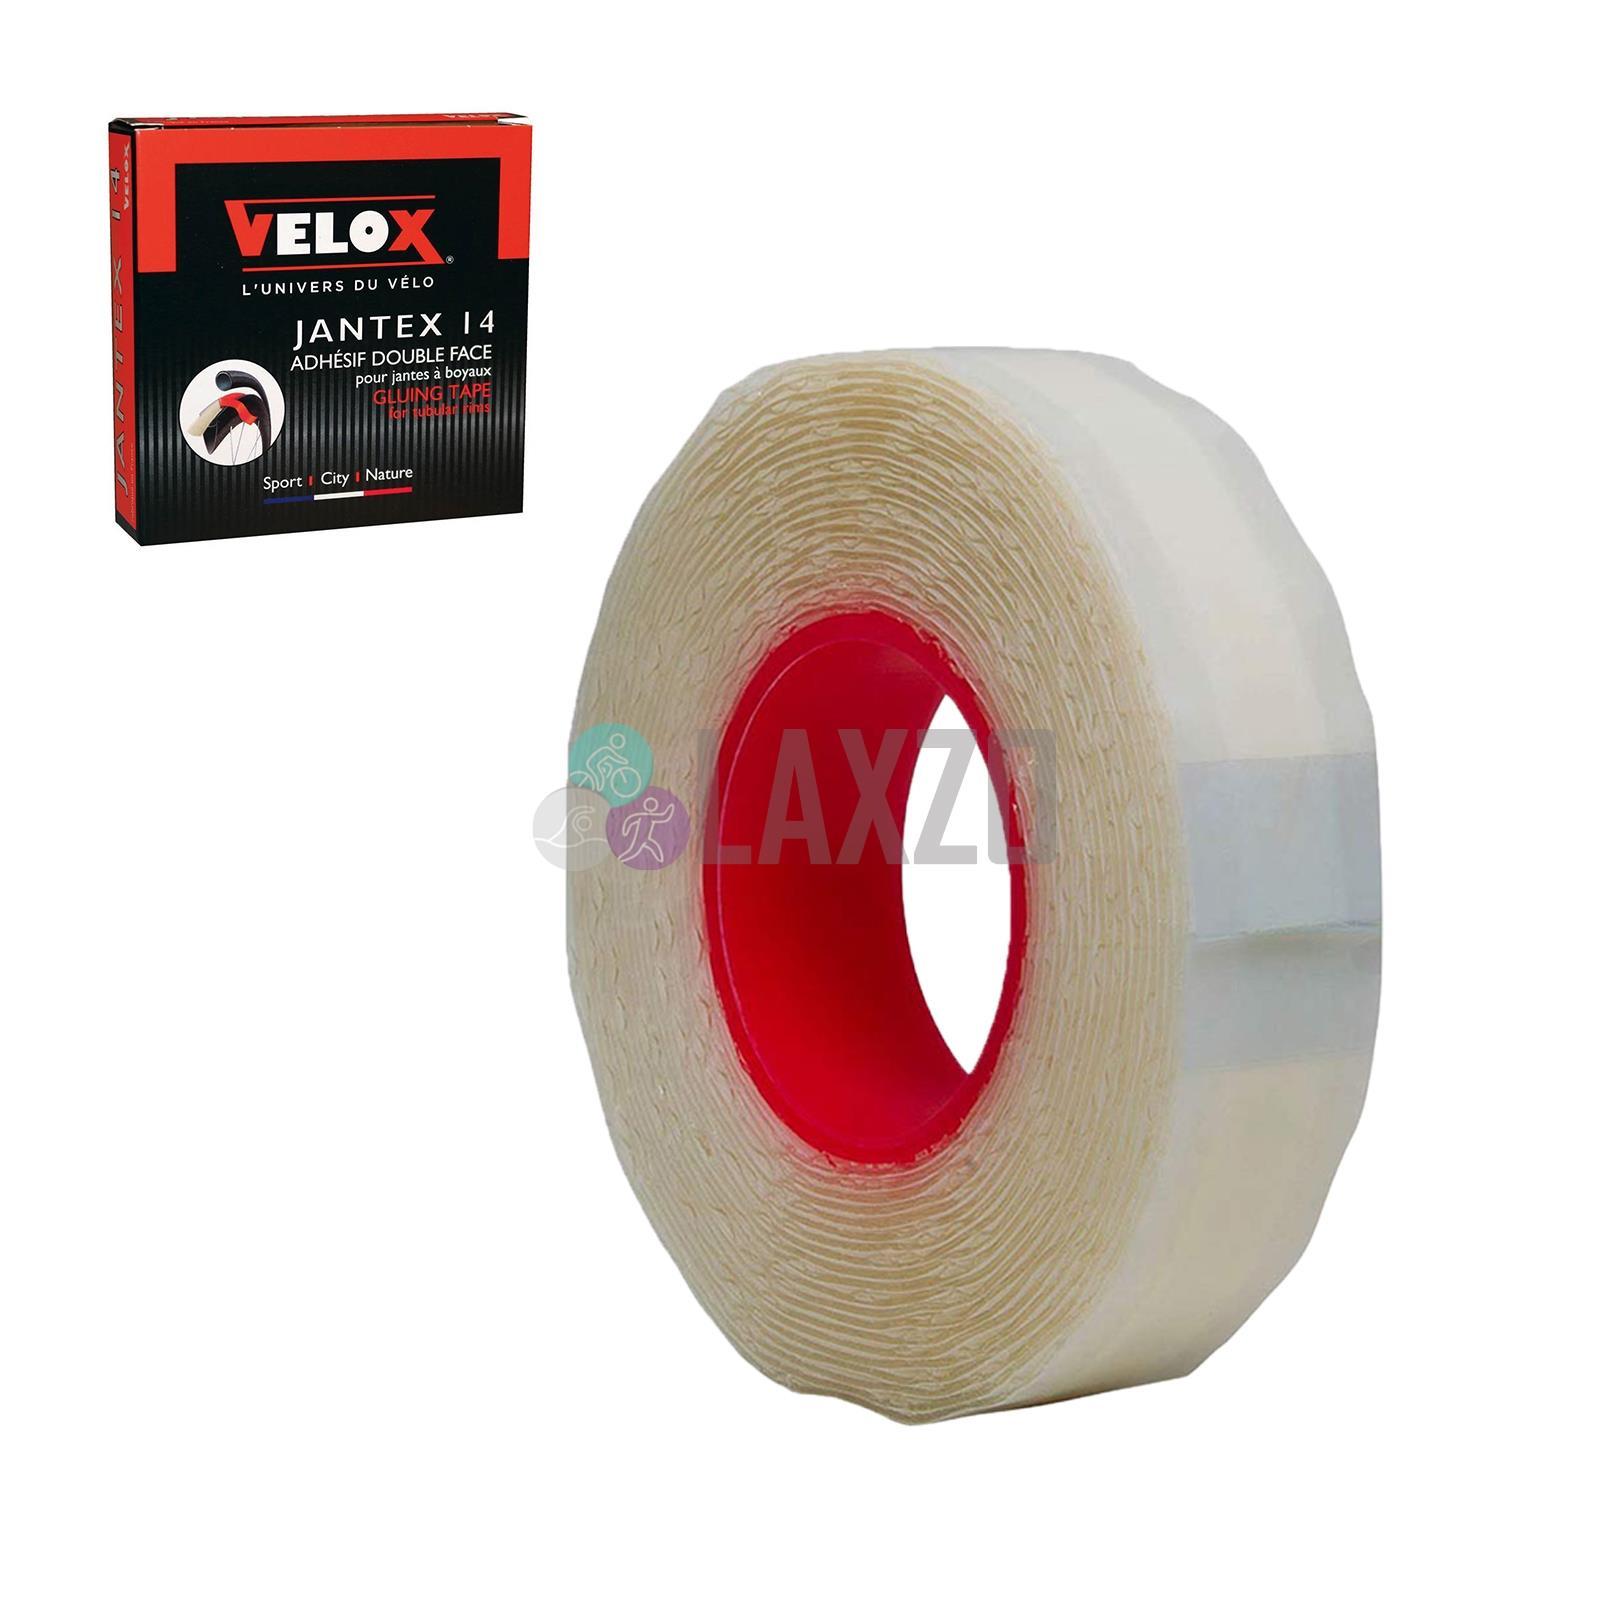 Velox Jantex 14 High Temp Road Bike Tyre Tub Tape Tubular